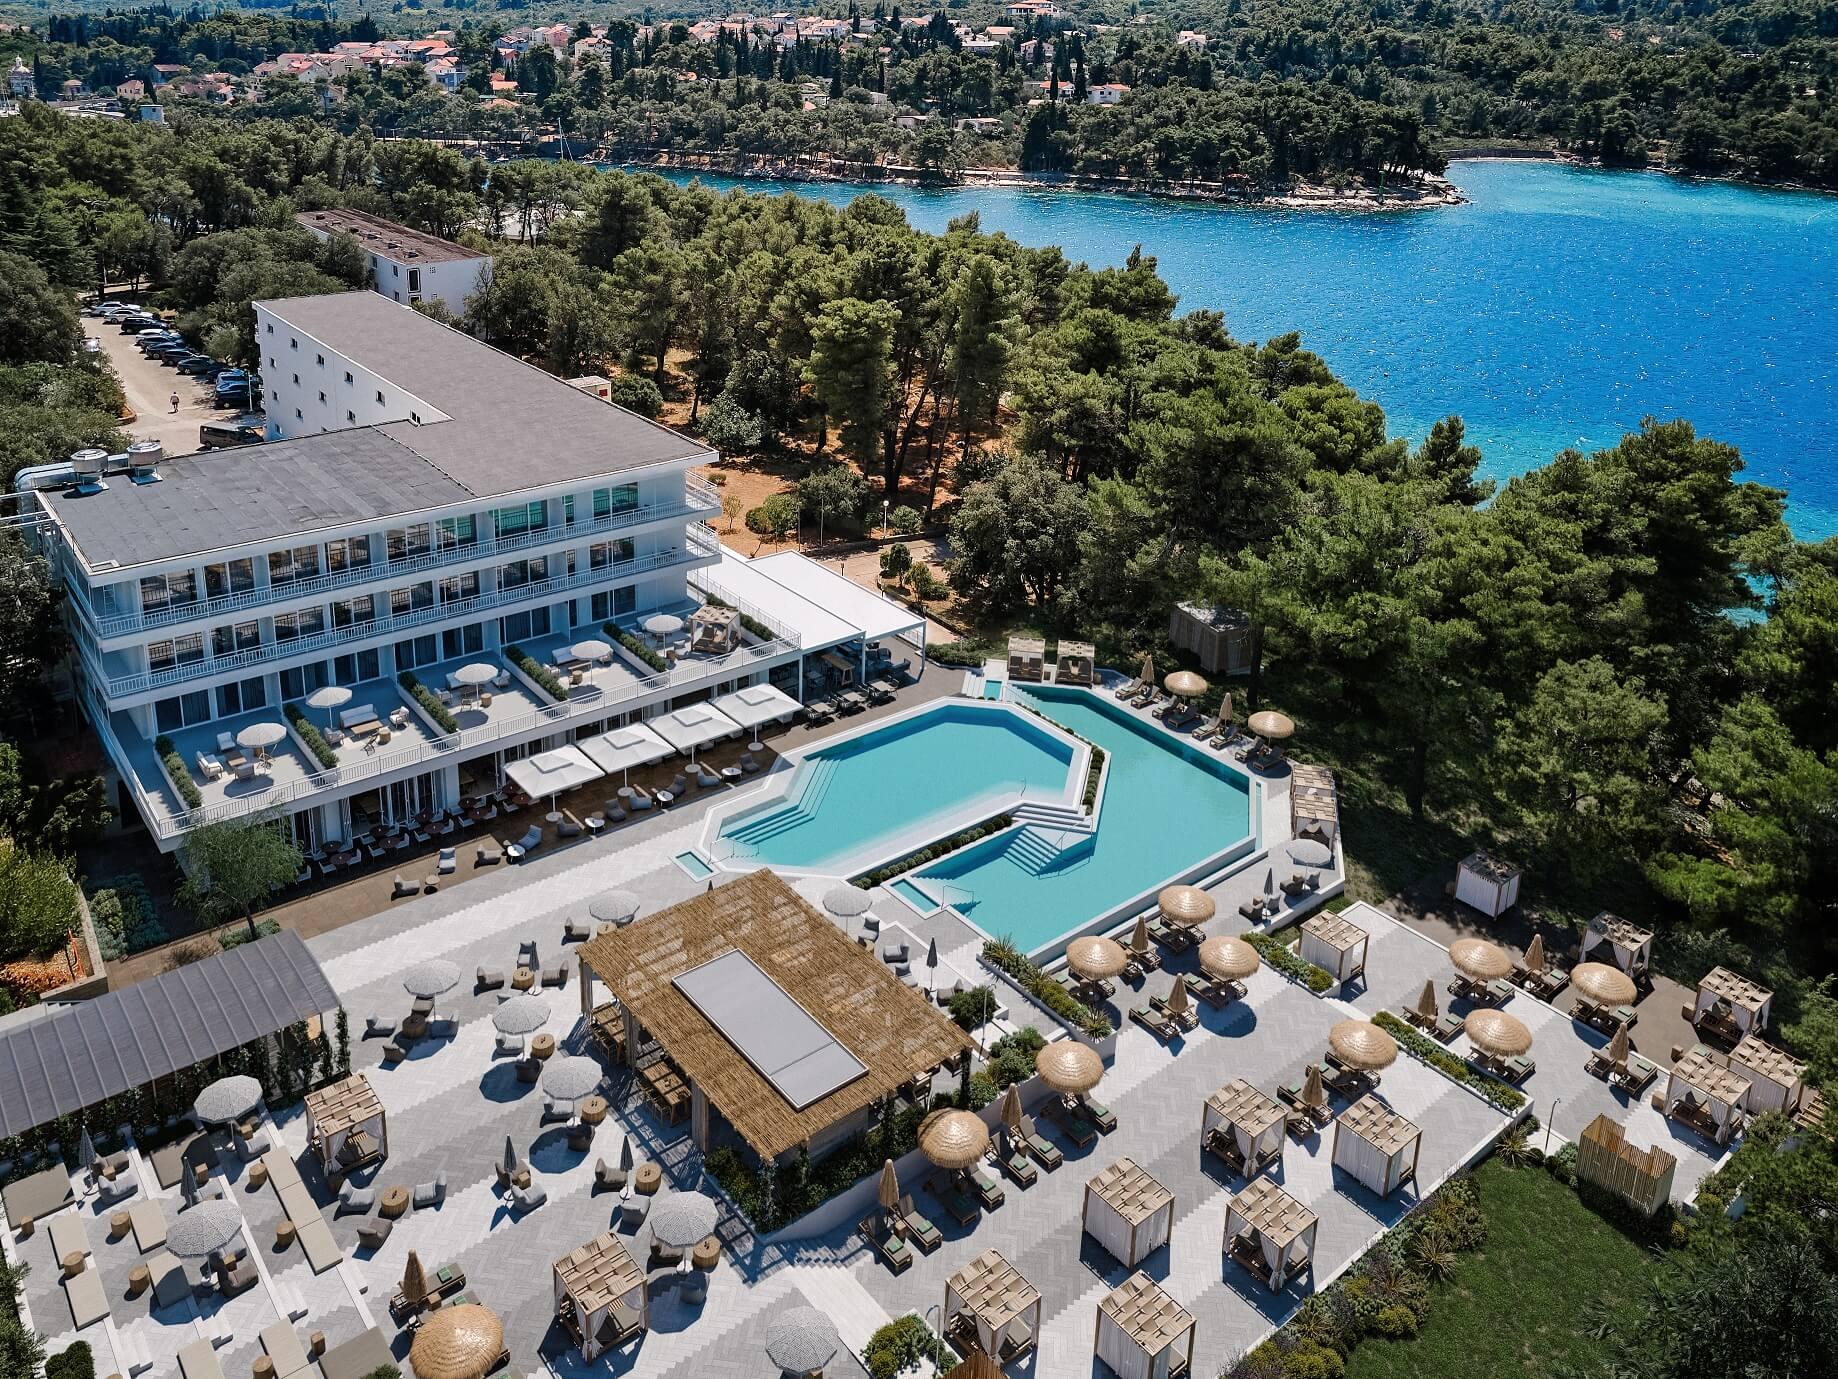 Valamar predstavio [PLACES] by Valamar - novi lifestyle brend 1 - hrpsor Hrvatski poslovni savjet za održivi razvoj